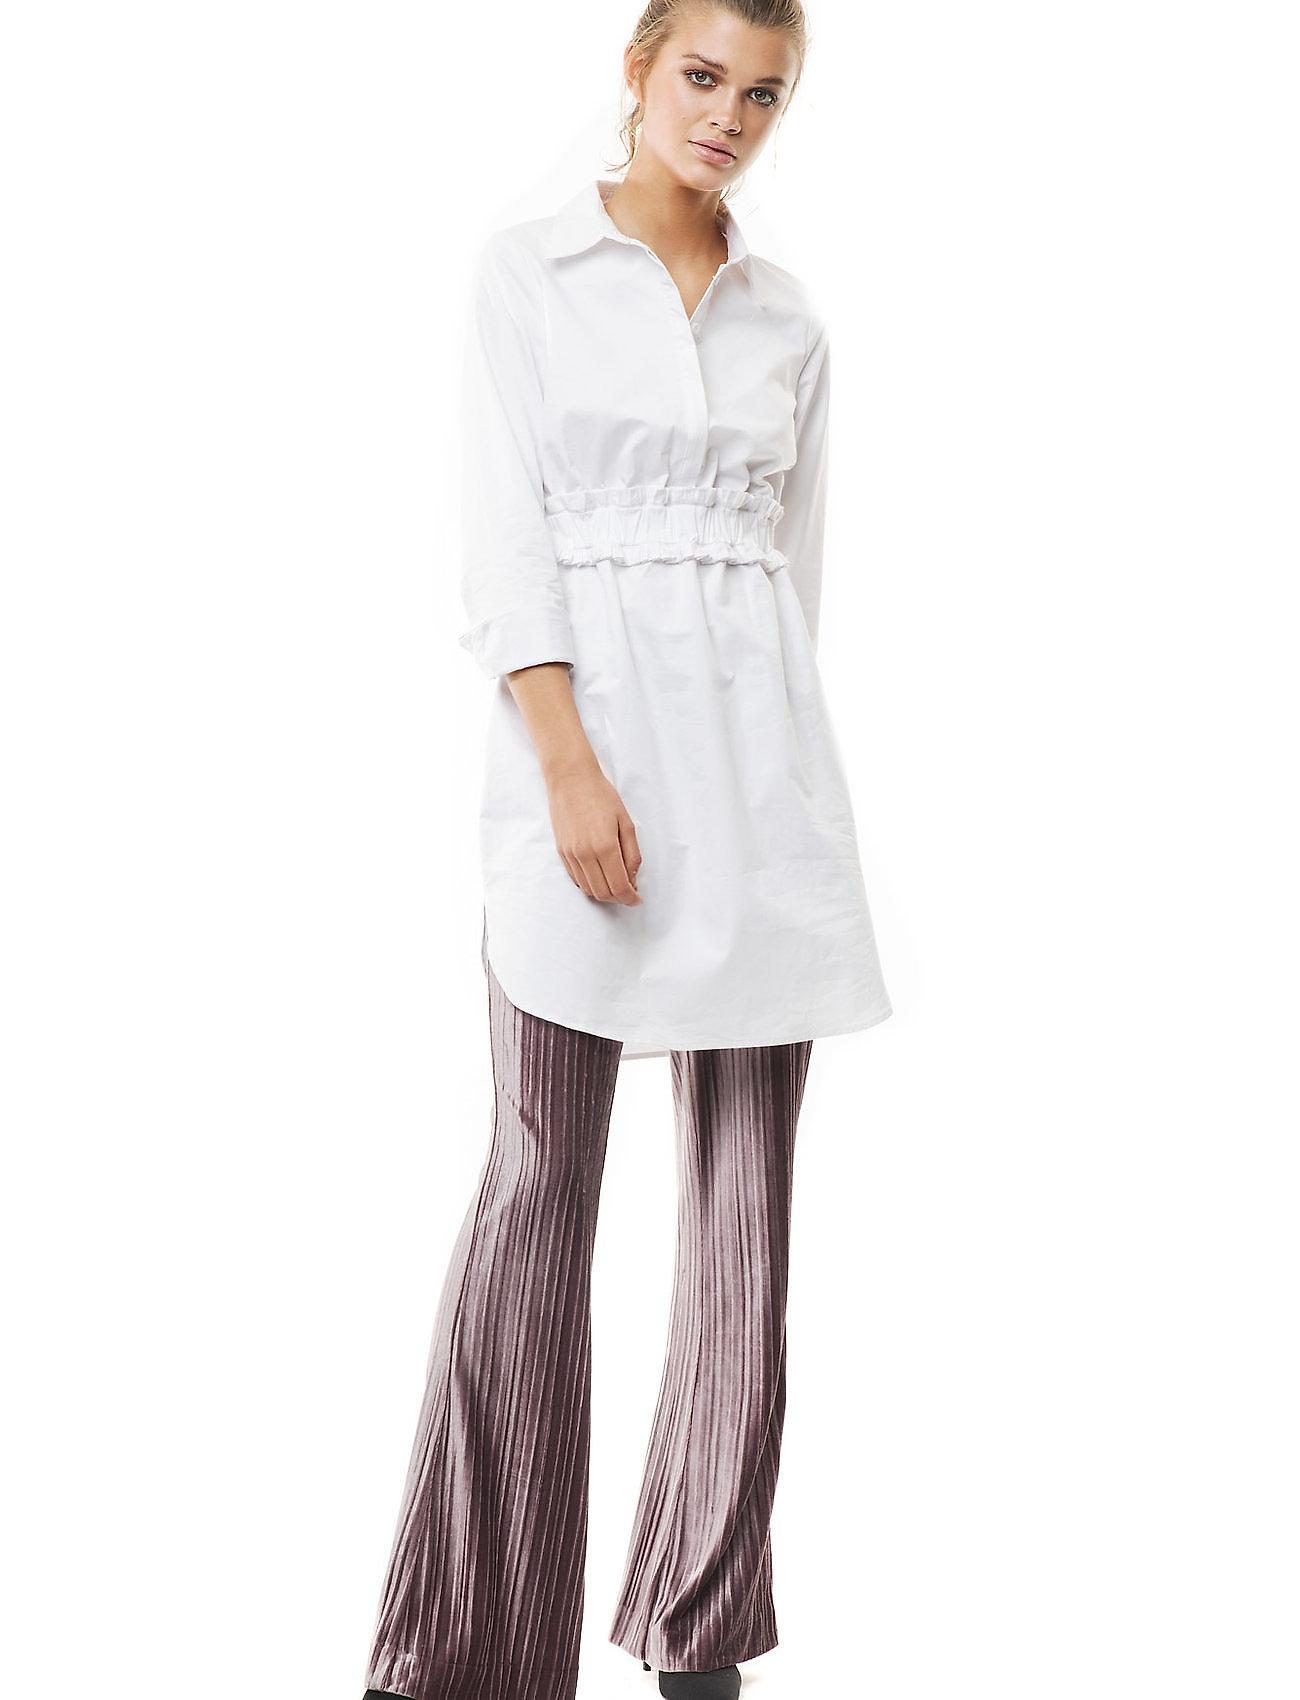 Malina DresswhiteBy Shirt Saana Shirt Saana DresswhiteBy nwP8k0XO